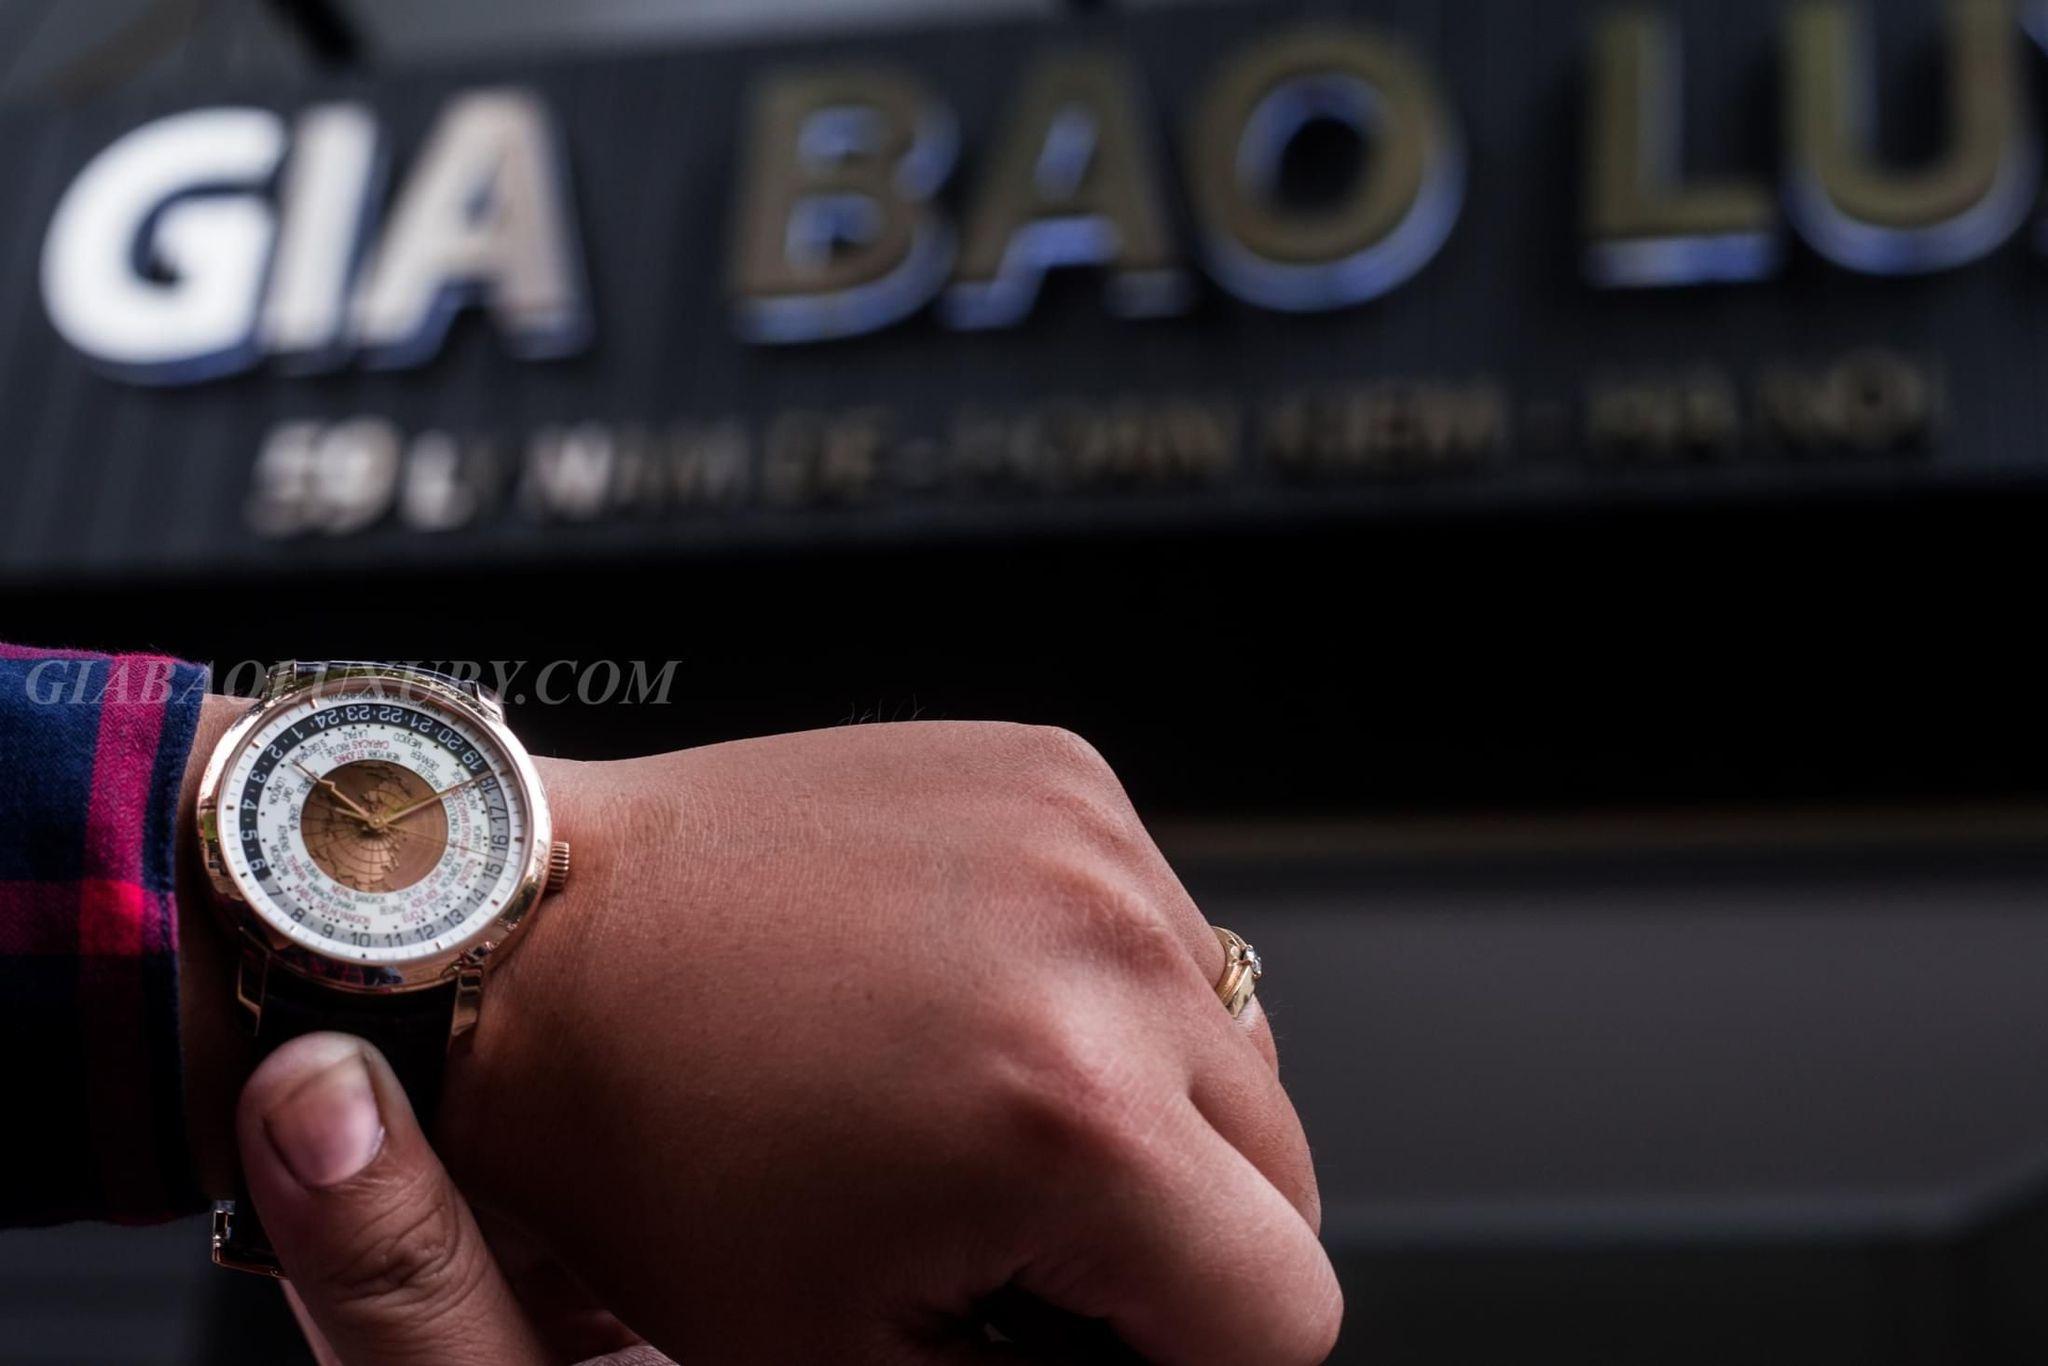 Thu mua đồng hồVacheron Constantin Traditionnelle World Time chính hãng tại Gia Bảo Luxury